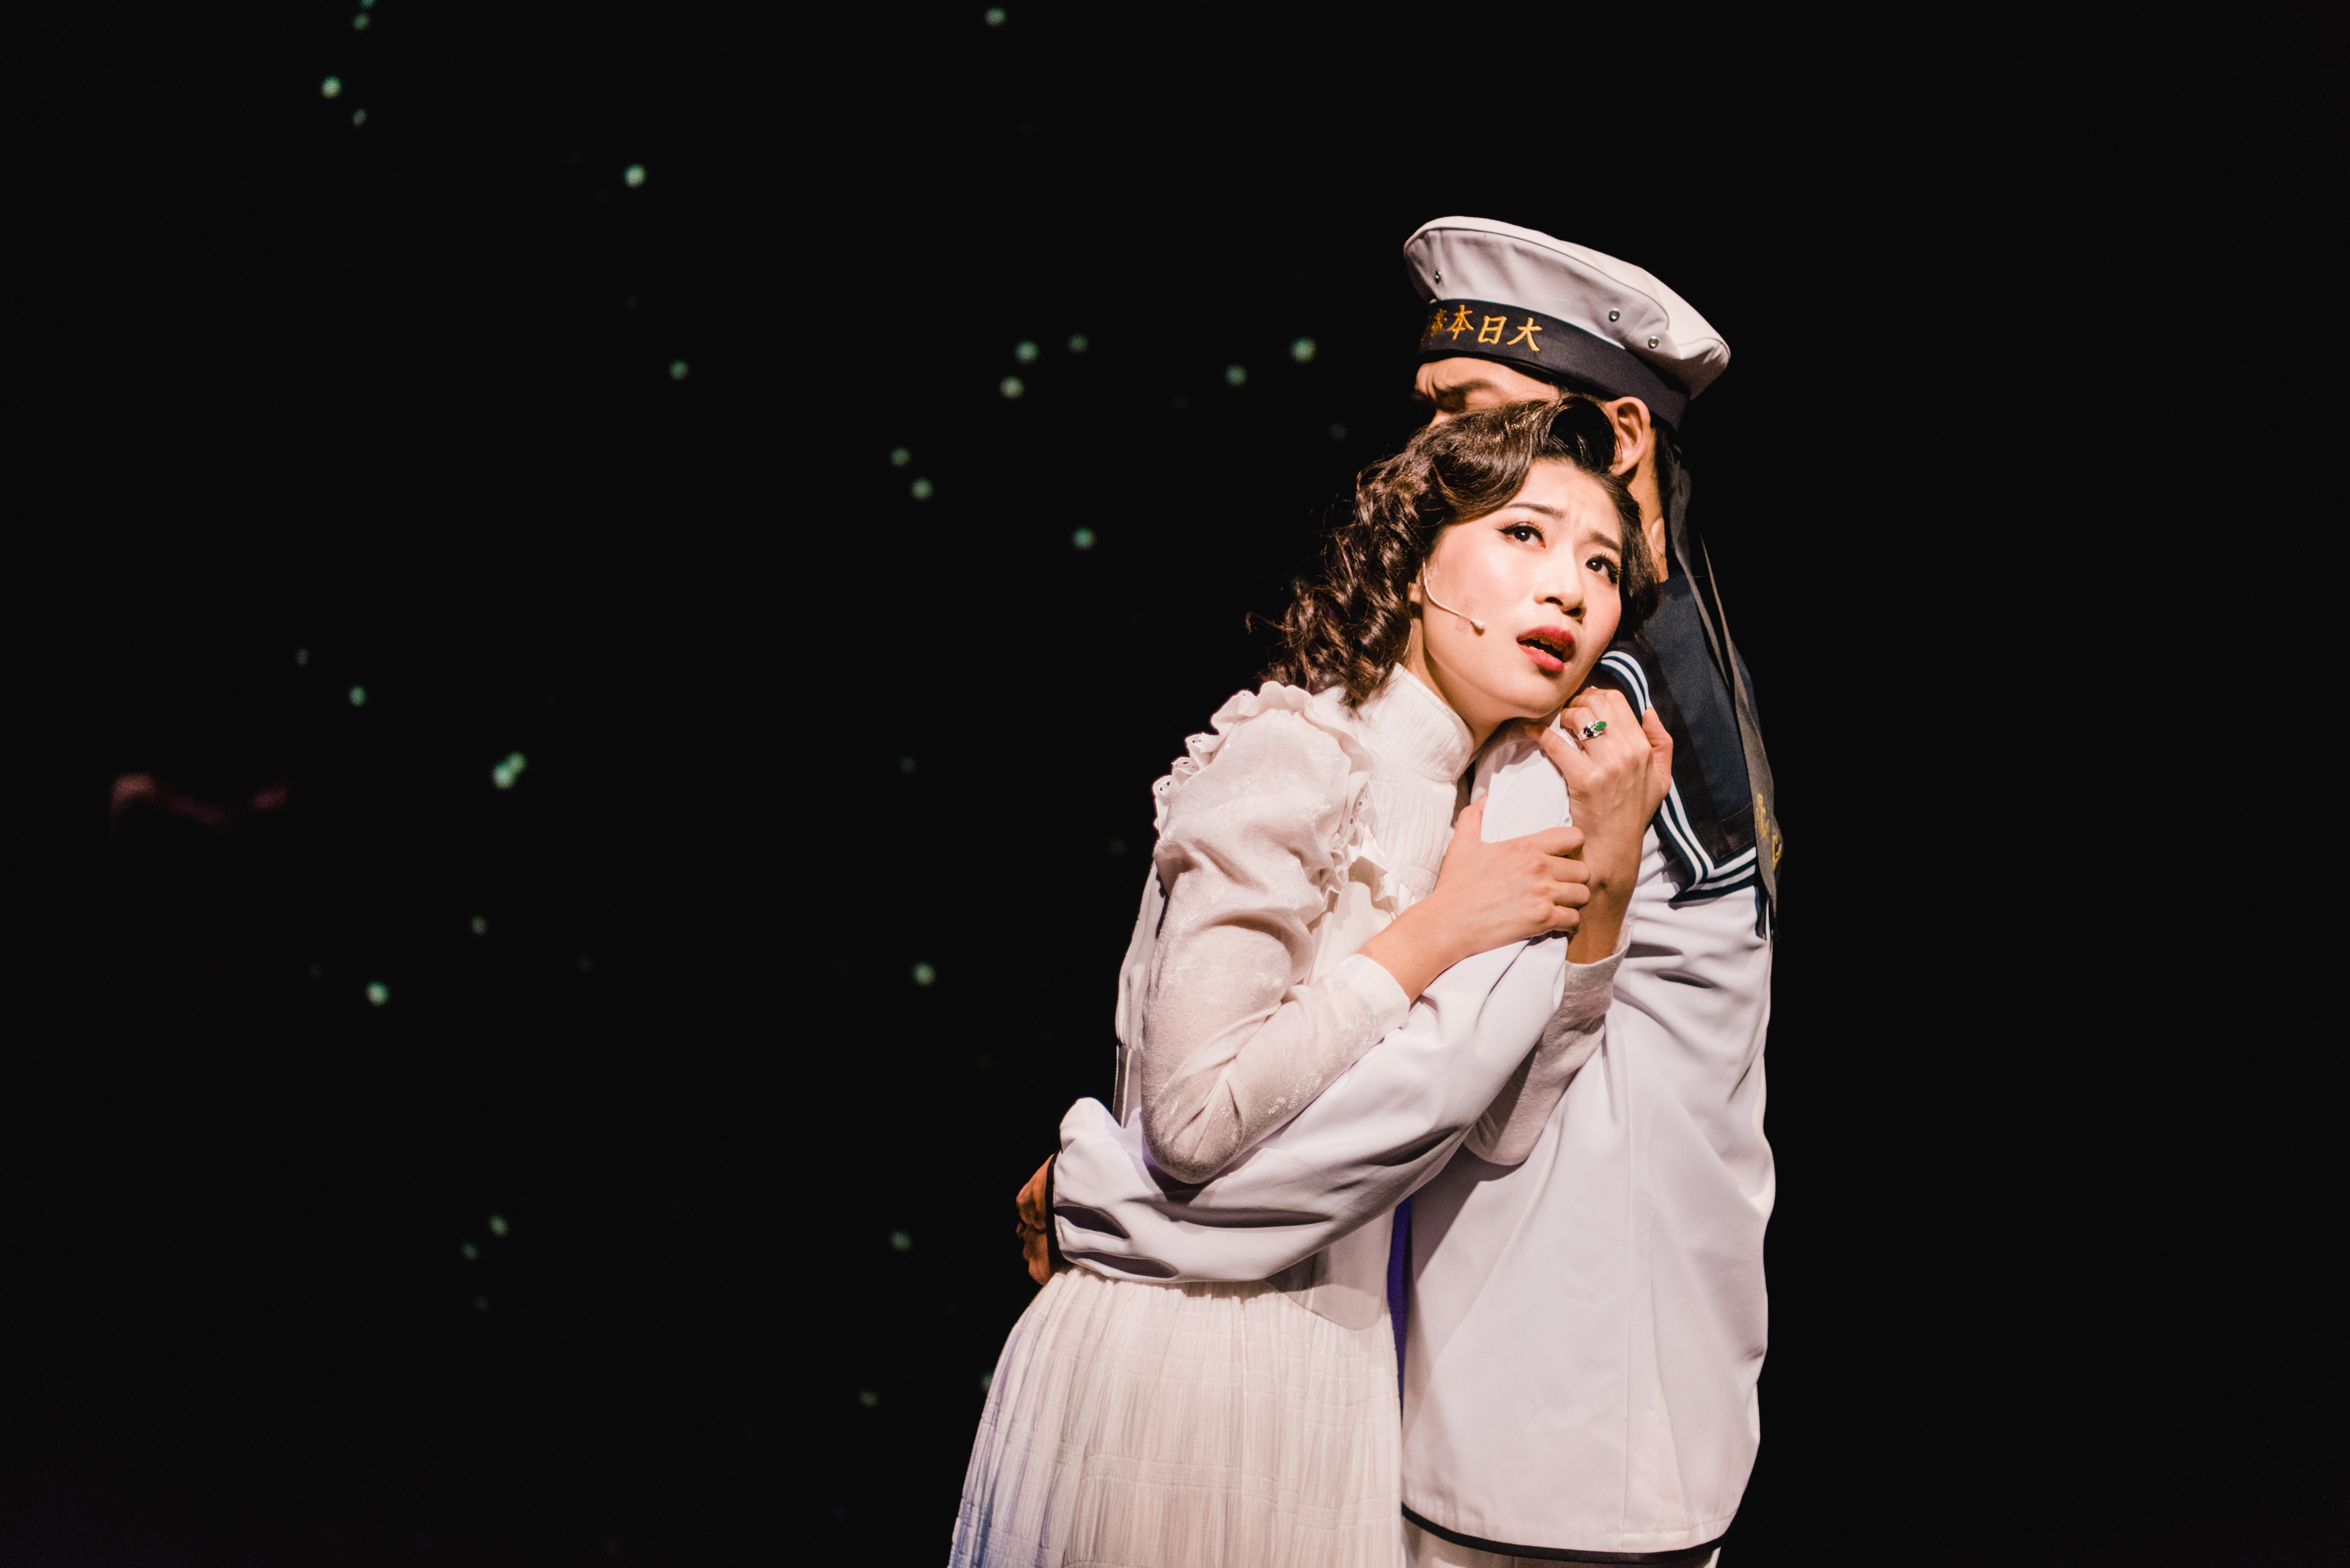 《瑪莉皇后的禮服》